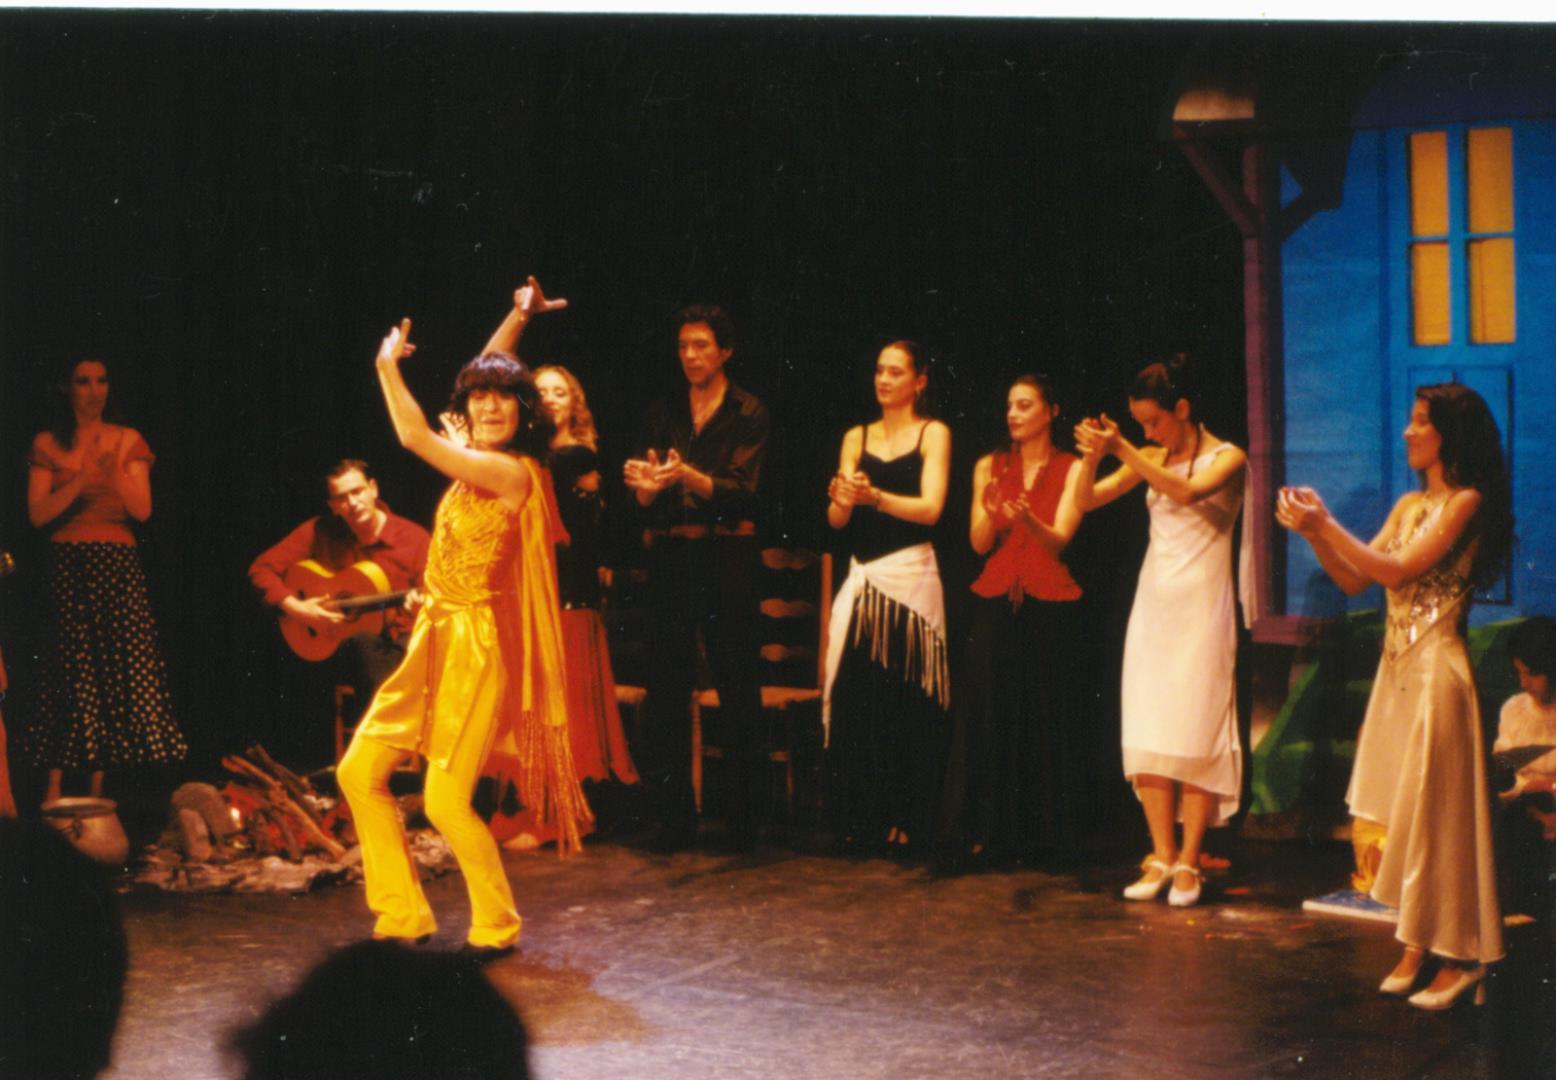 FLAMENCO - alegria-flamenco association